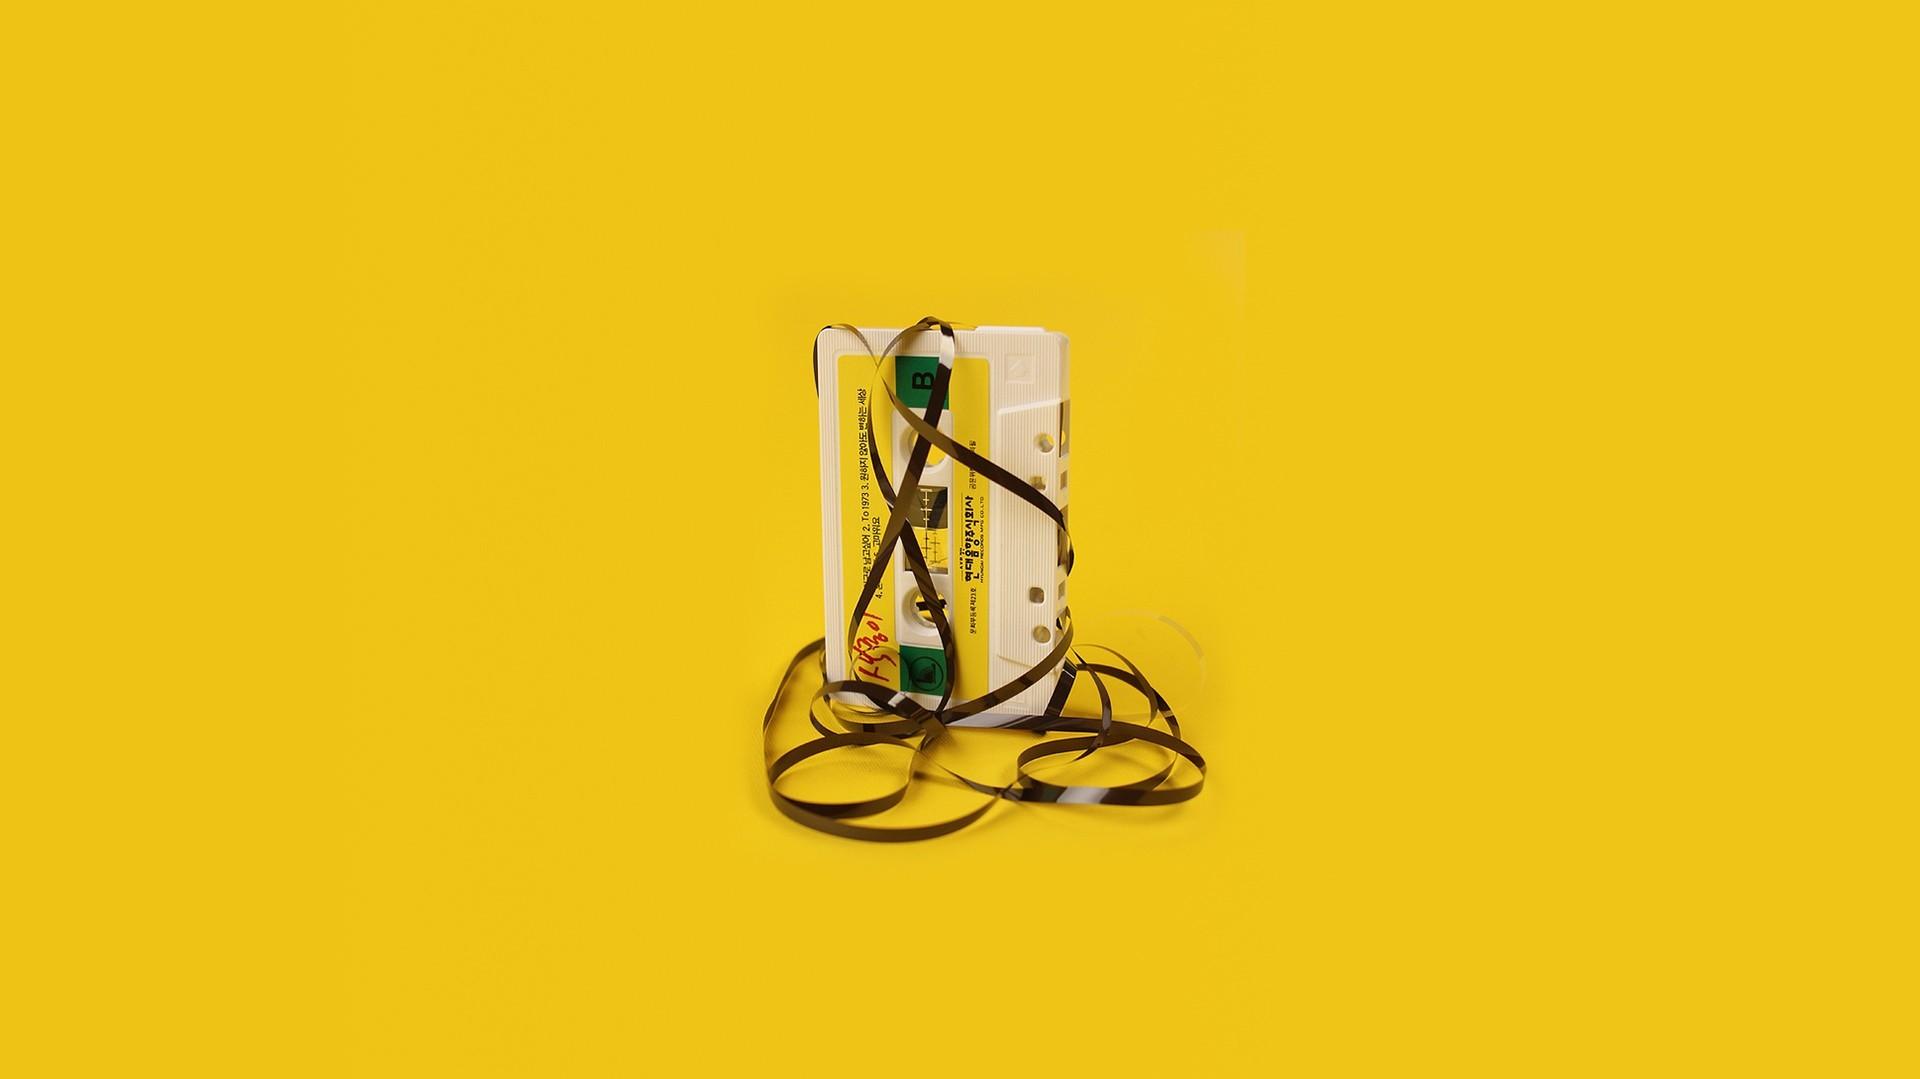 بالصور خلفية صفراء , الاصفر هو الافضل لخلفياتك 1818 11